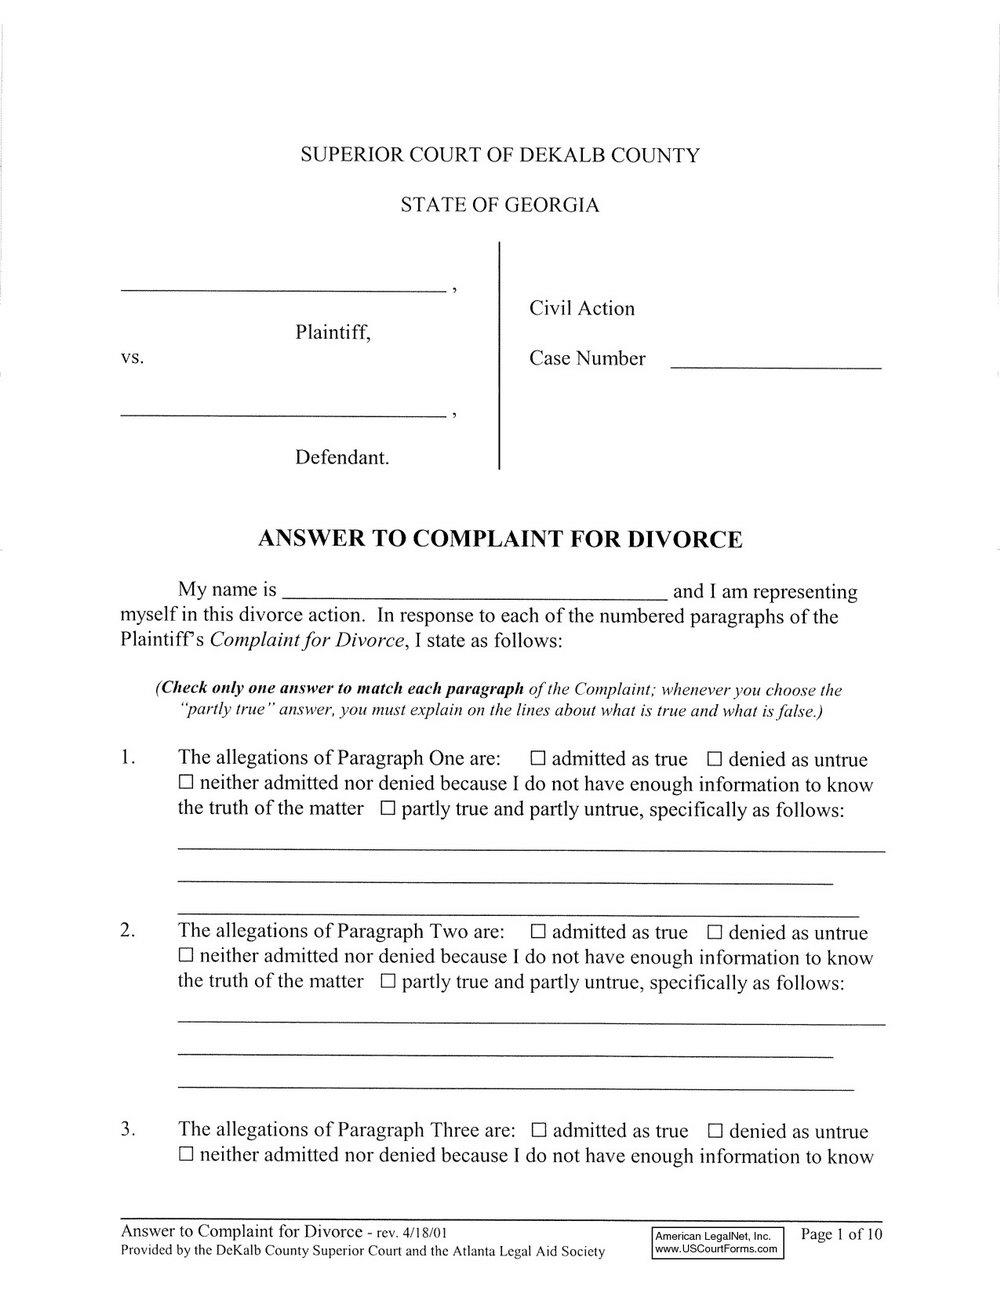 Dekalb County Divorce Forms